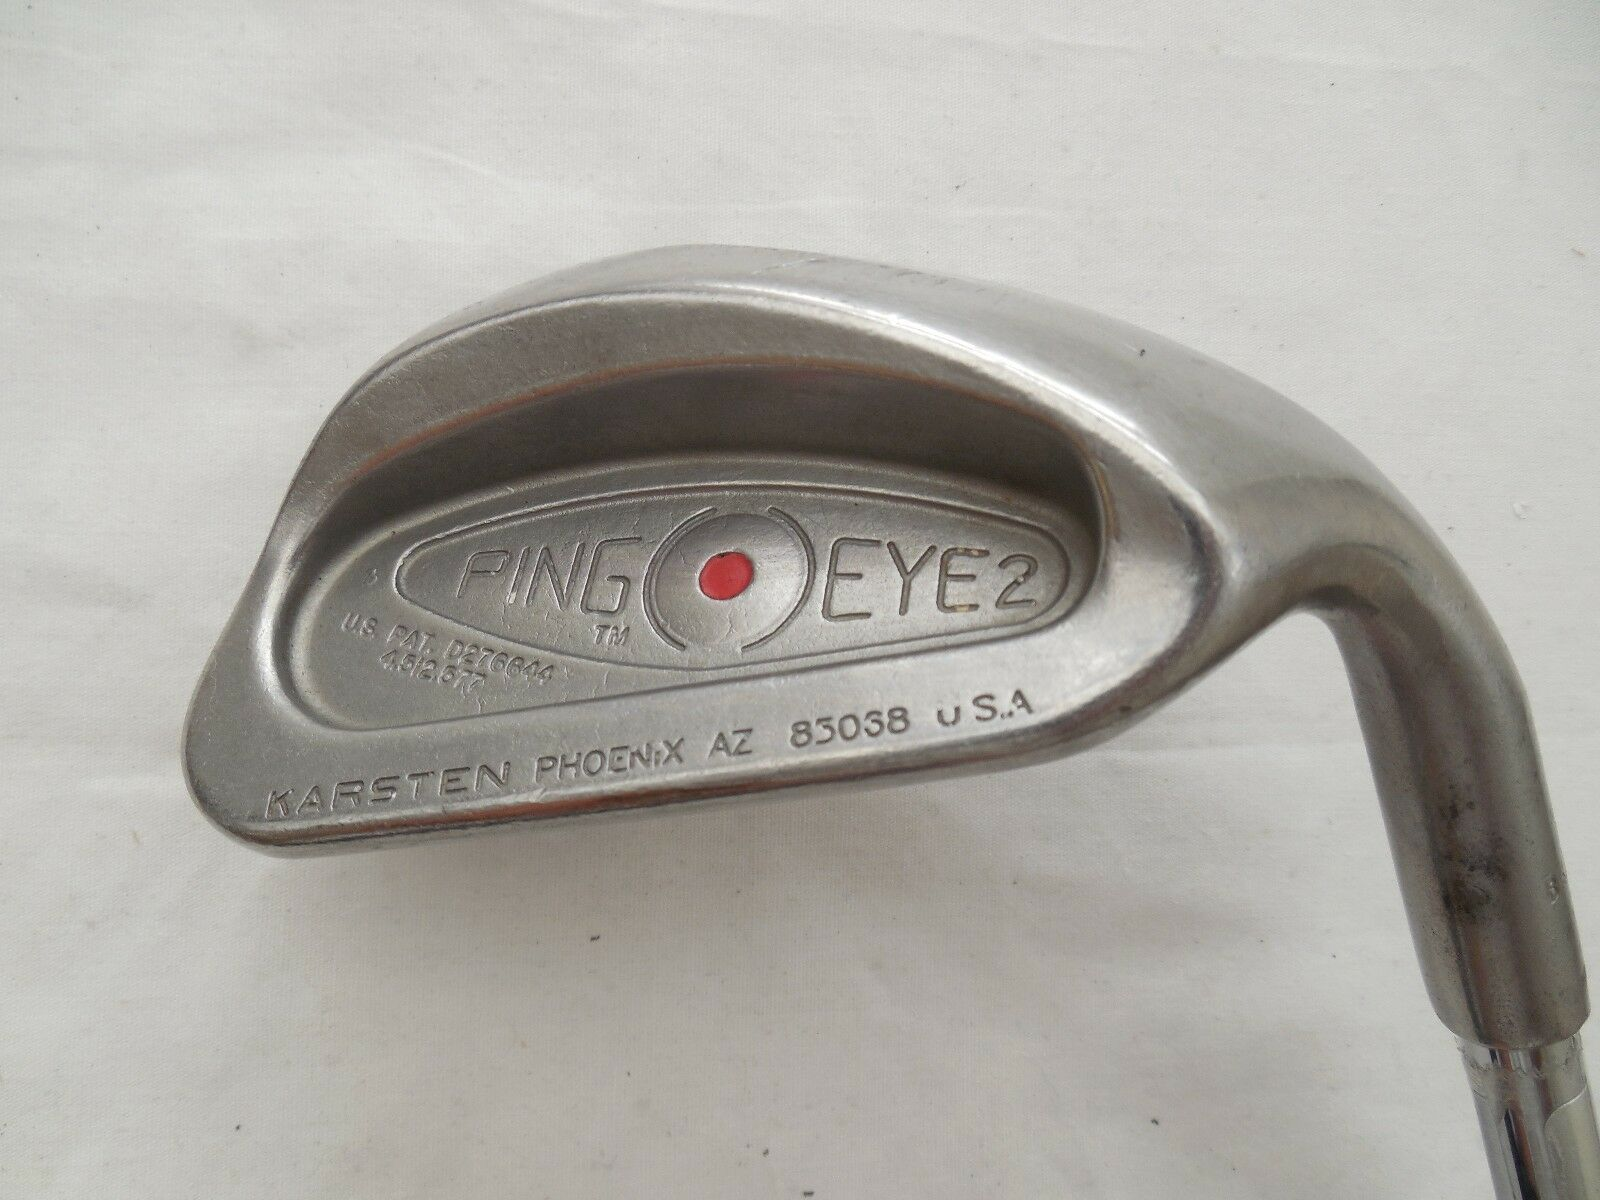 Utiliza Ping Eye  2 punto rojo único tejido Cuña de arena Ping ZZ-Lite Eje De Acero rígido Flex Diestros  Felices compras